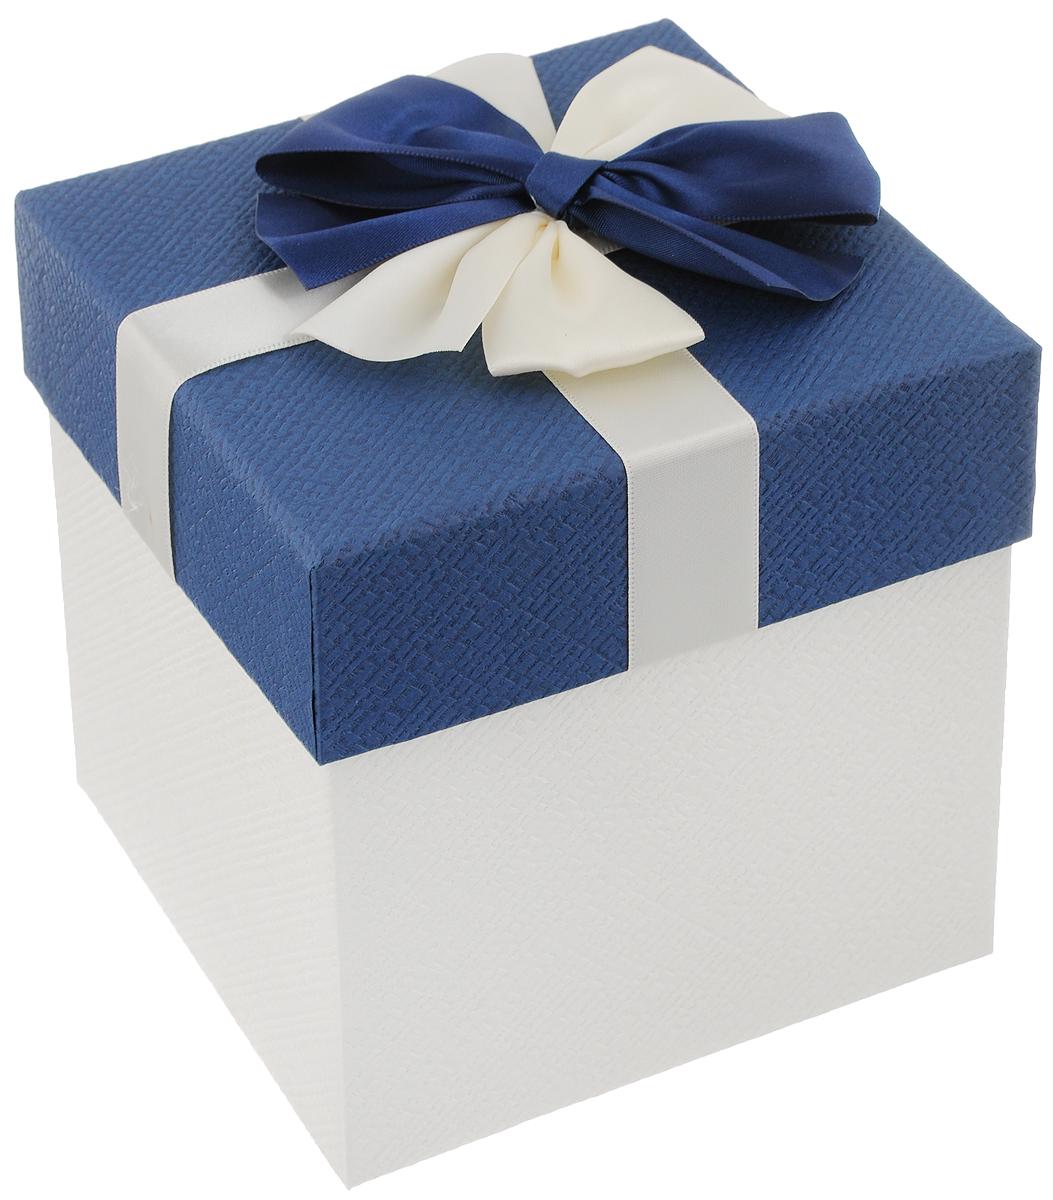 Коробка подарочная Packing Symphony Прямоугольник, цвет: синий, белый, 14 х 14 х 15 см80037004_низ белый, синийКартонная коробка Packing Symphony Прямоугольник - это один из самых оригинальных вариантов упаковки подарков. Любой, даже самый нестандартный подарок, упакованный в такую коробку, создаст момент легкой интриги, а плотный картон сохранит содержимое в первоначальном виде. Оригинальный дизайн самой коробки будет долго напоминать владельцу о трогательных моментах получения подарка.